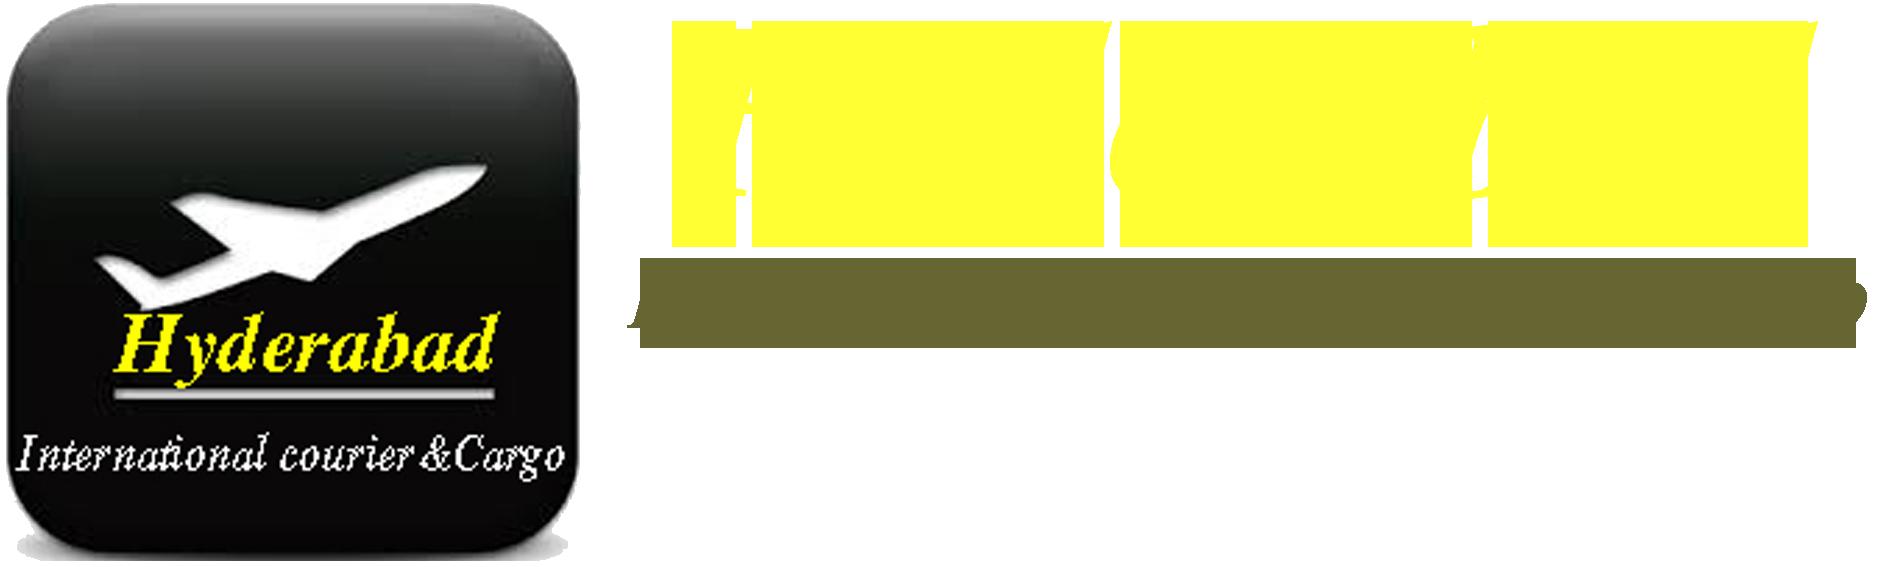 Hyderabad International Courier & Cargo